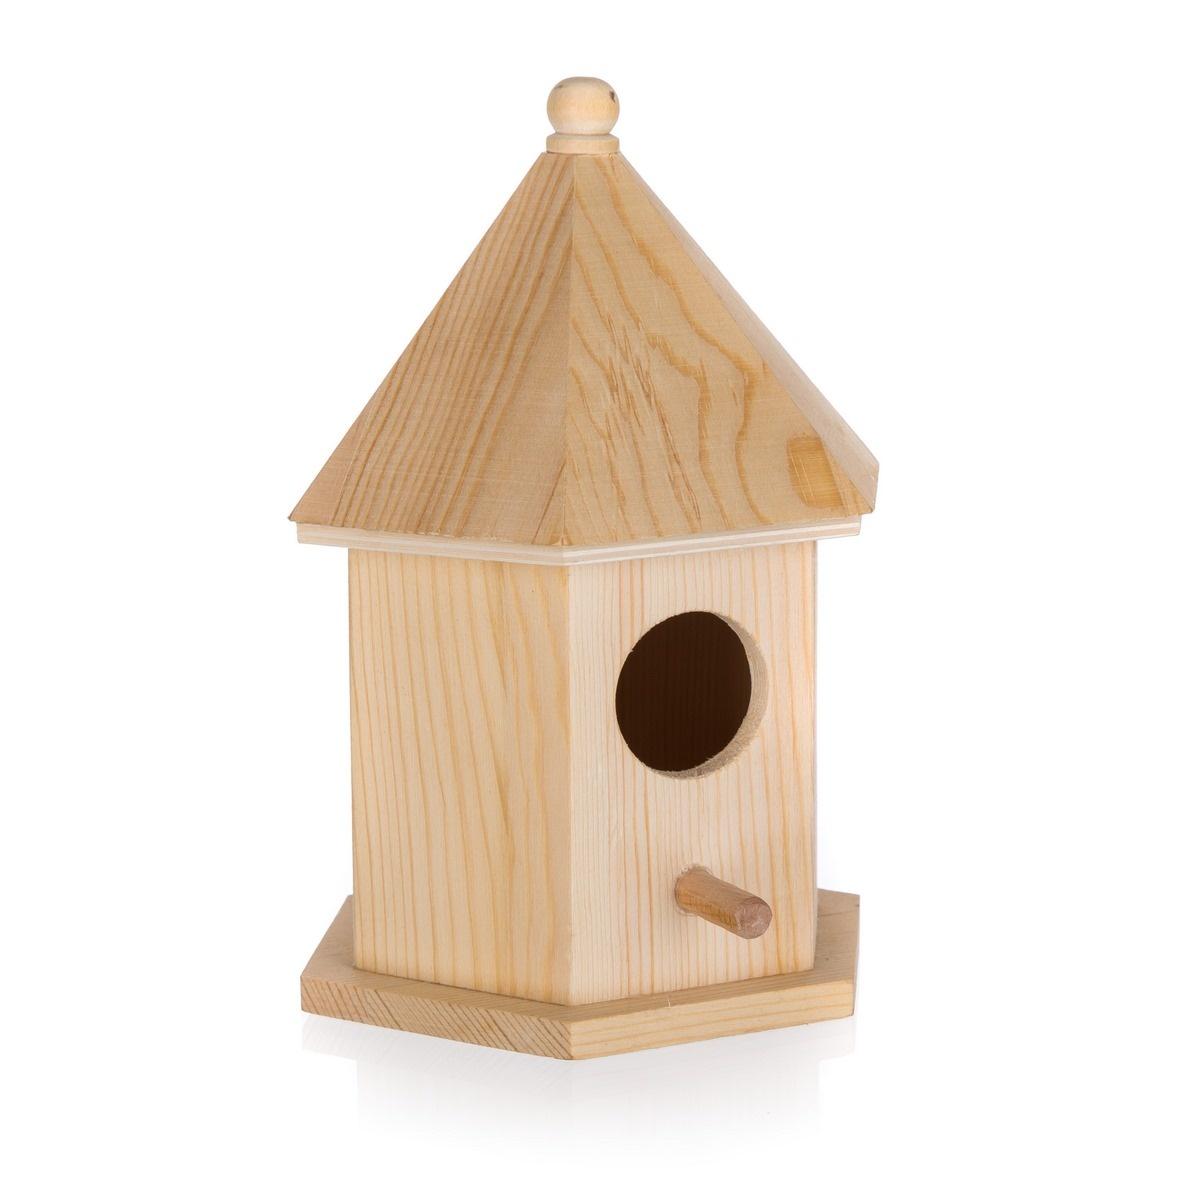 Drewniana budka dla ptaków, 12,5 x 10,5 x 17,7 cm